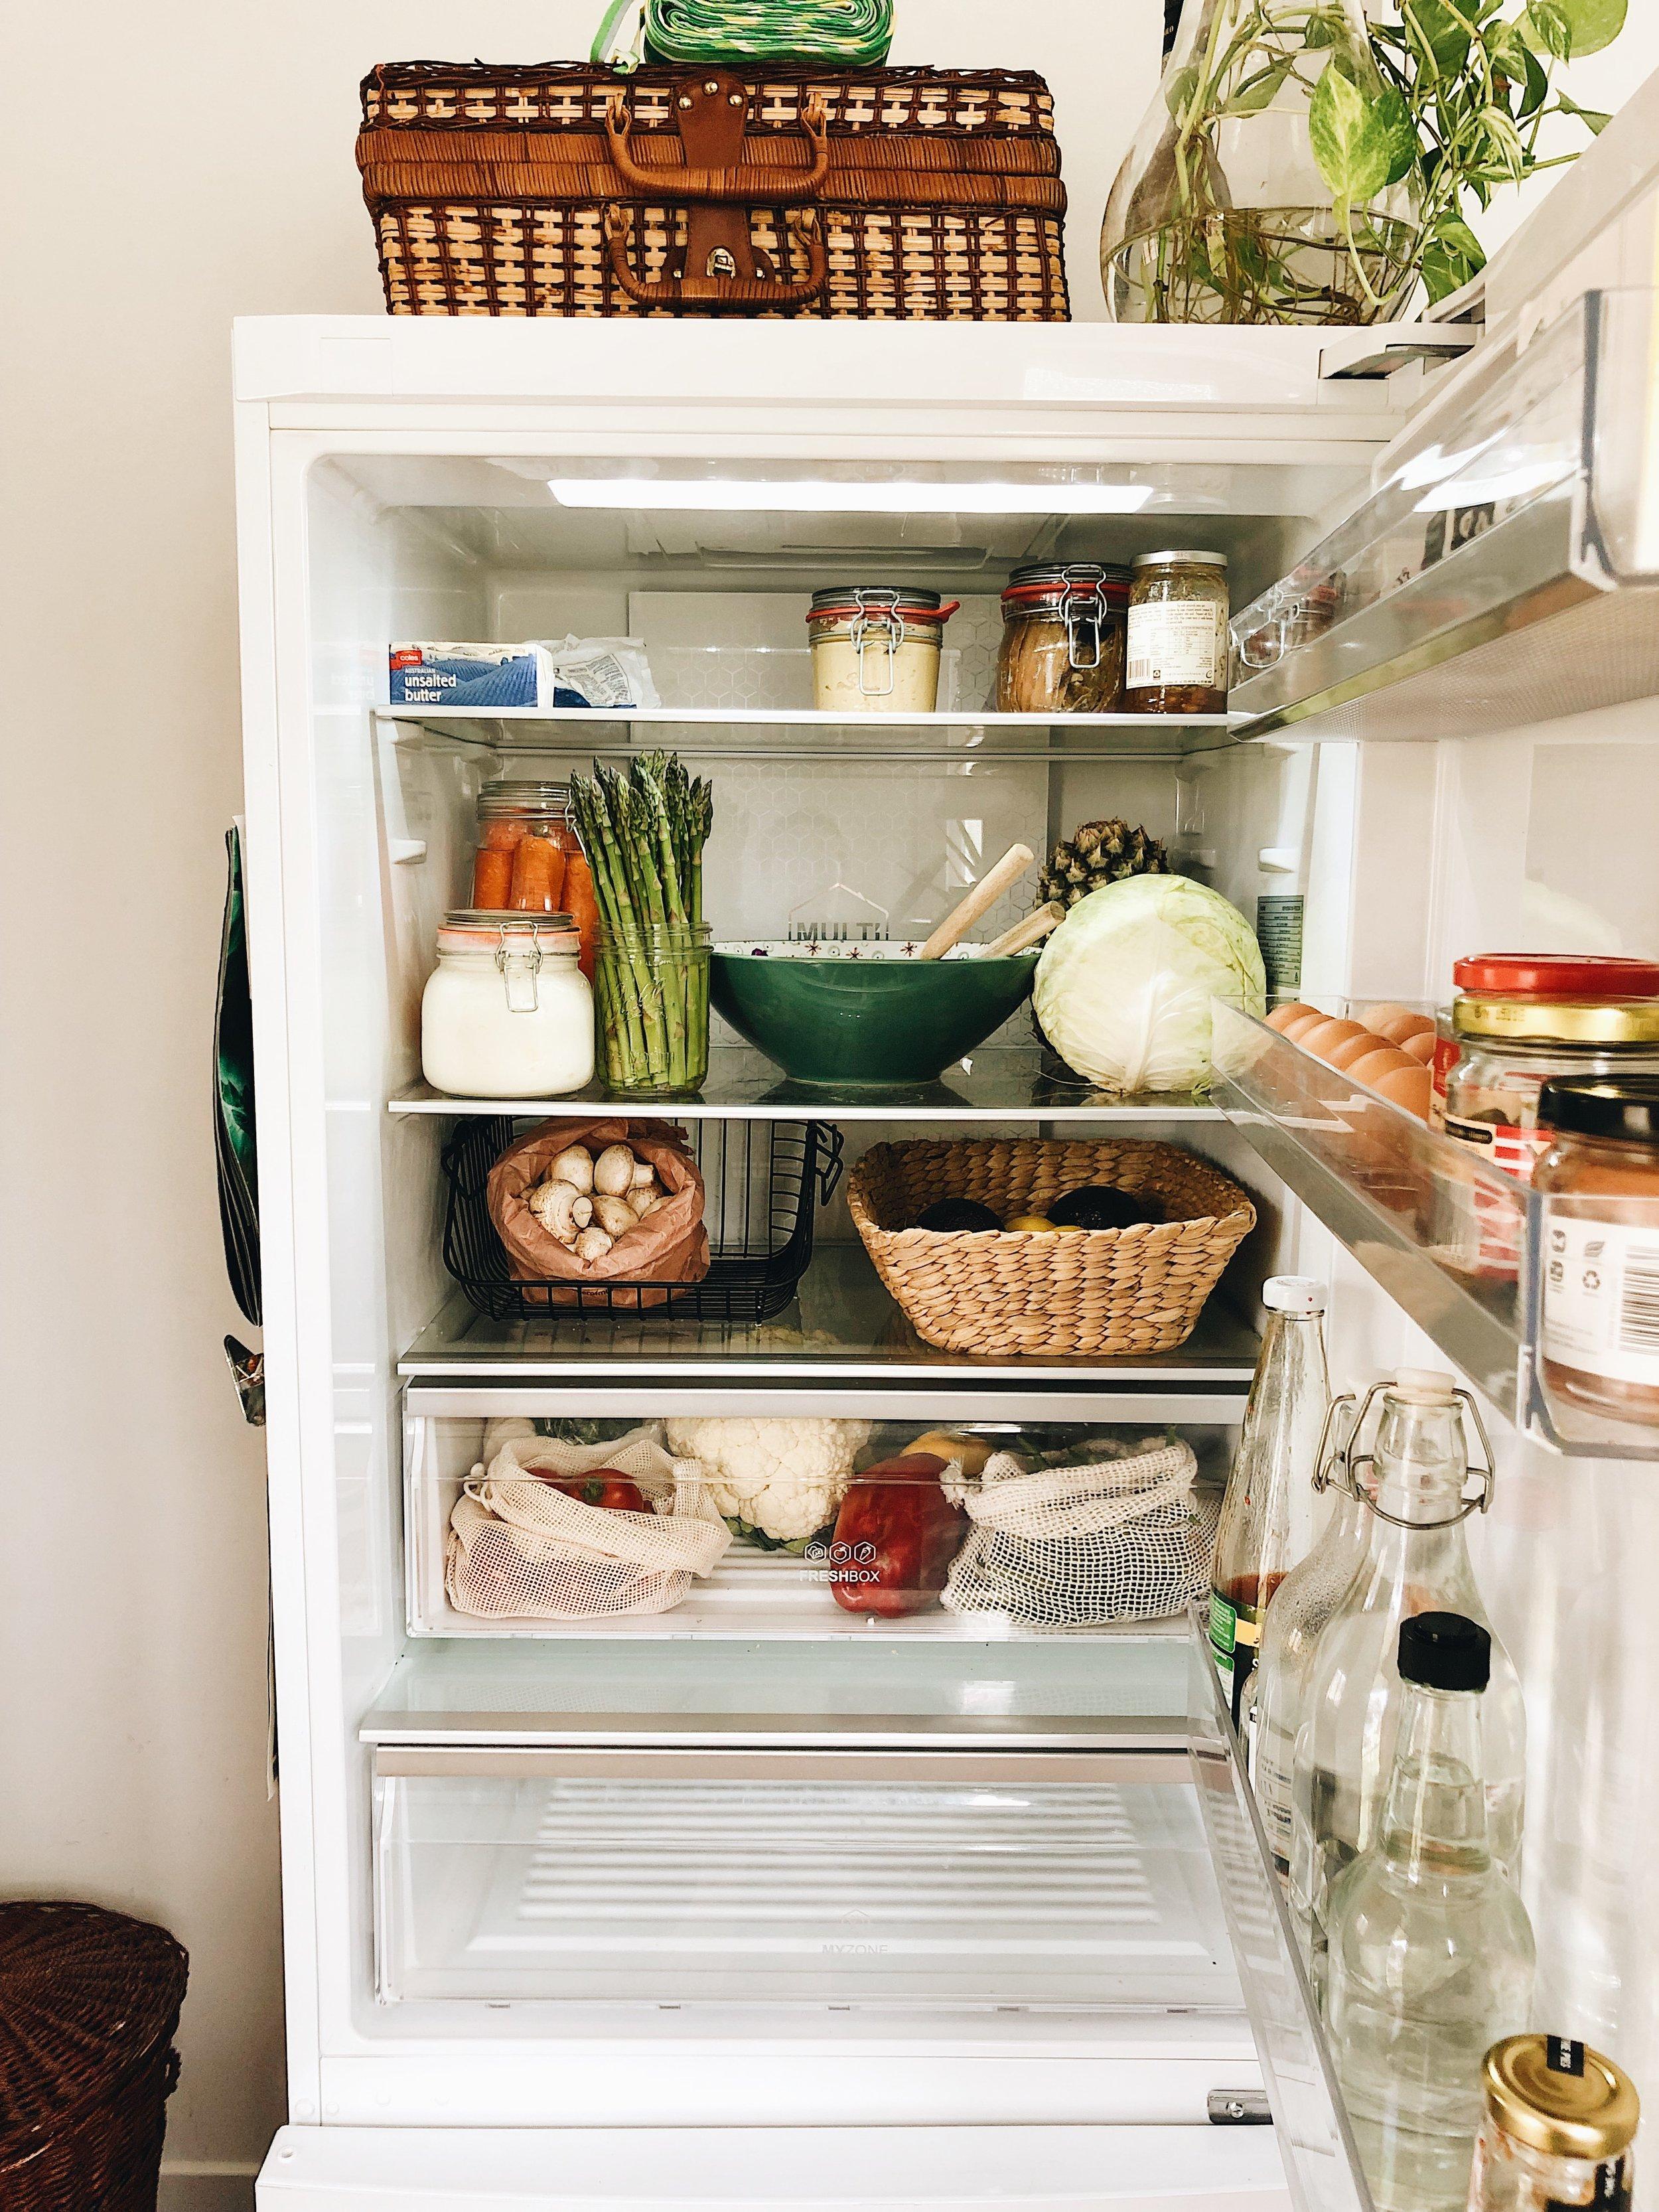 Il triste cassetto vuoto è una via di mezzo tra frigo e freezer e serve per gli avanzi cucinati- solitamente resta vuoto o ci mettiamo le verdure jumbo come sedani o cavolo toscano.